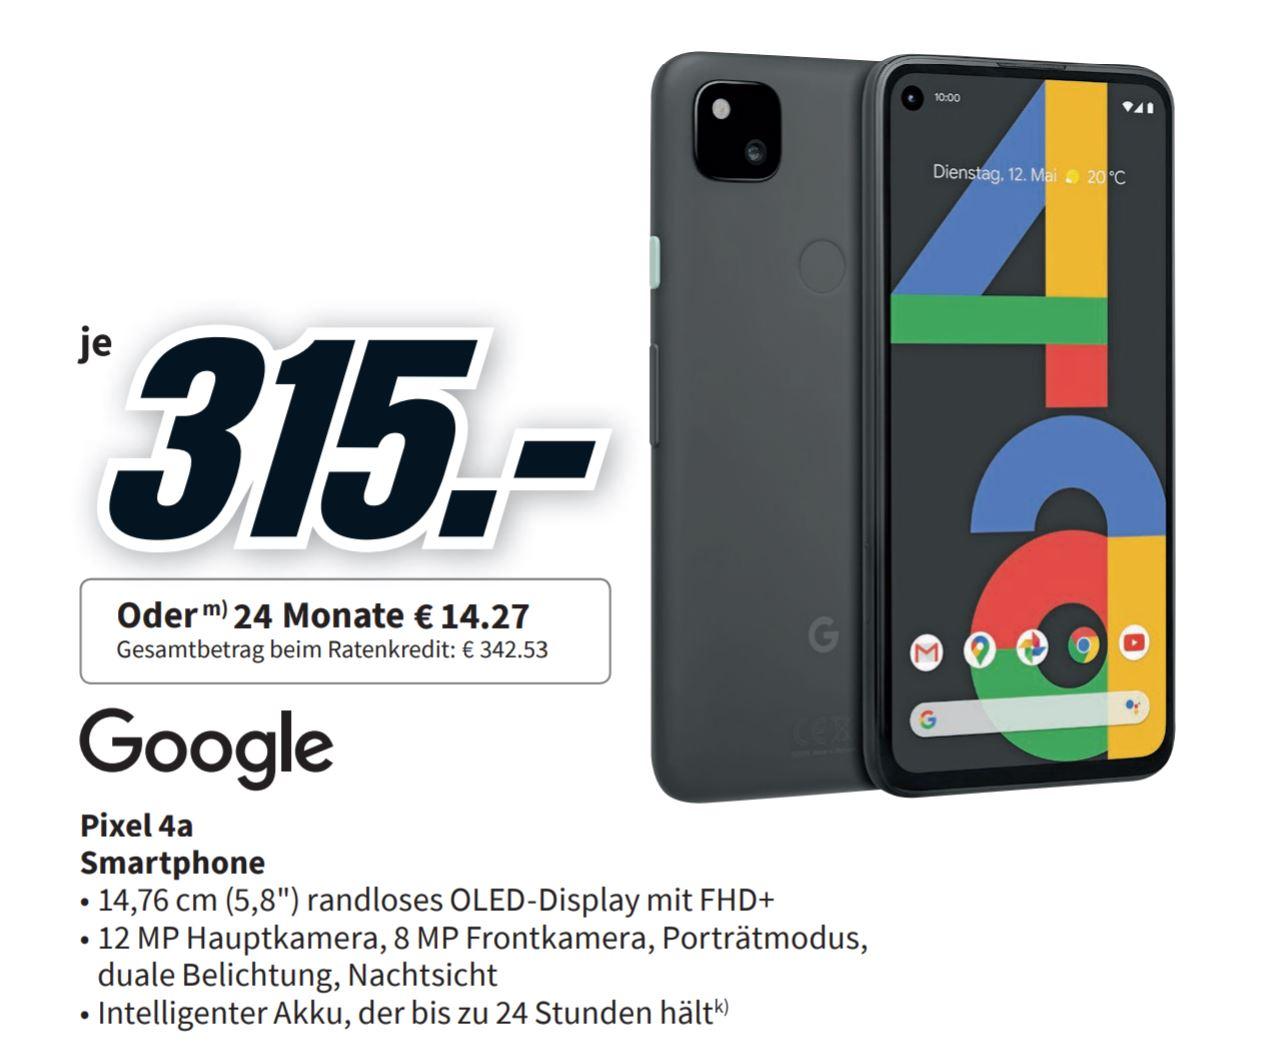 Google Pixel 4a im Preis gesenkt - was taugt der Tiefpreis?